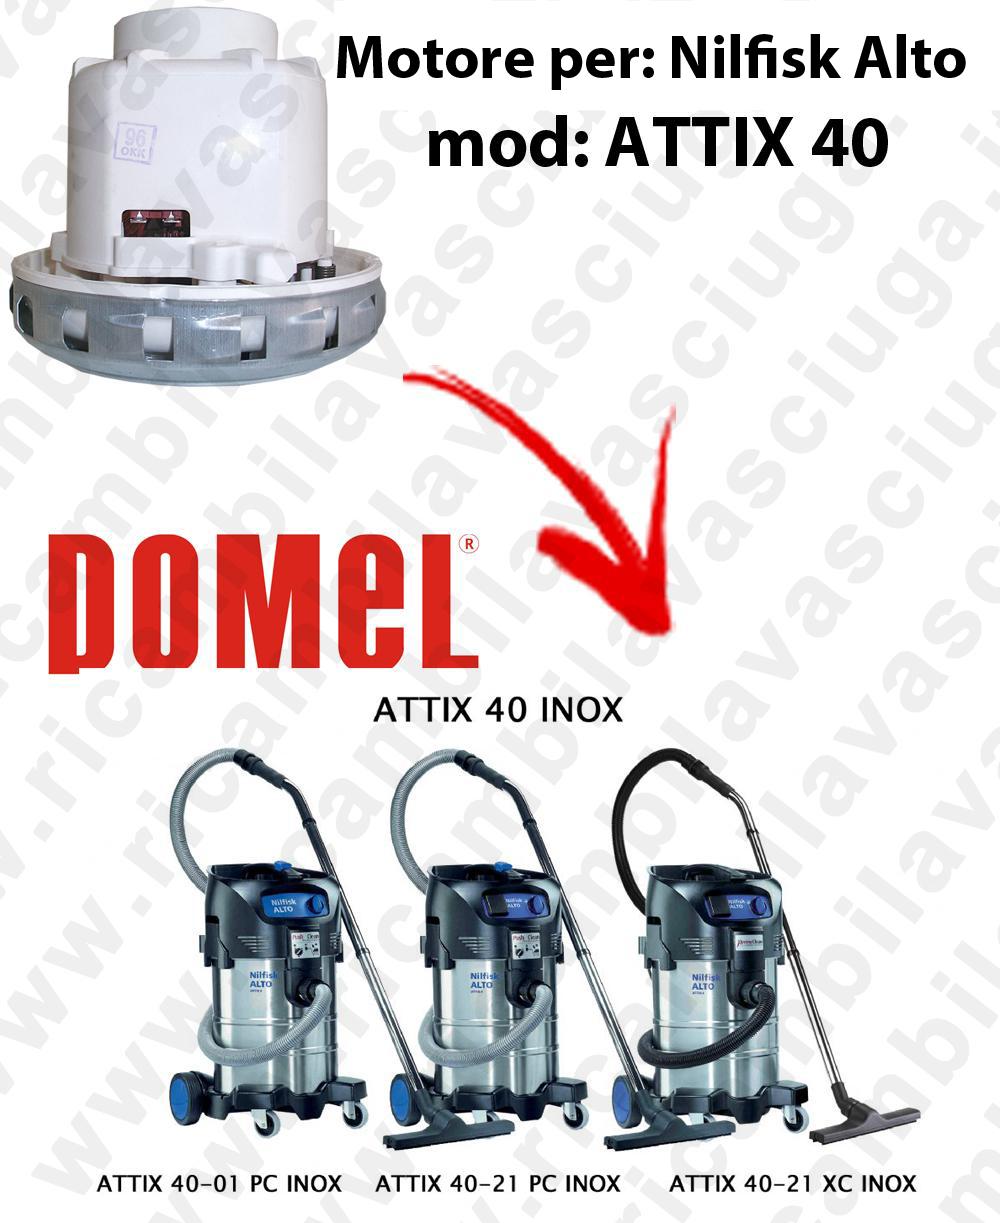 MOTEUR ASPIRATION DOMEL  pour ATTIX 40 aspirateur NILFISK ALTO